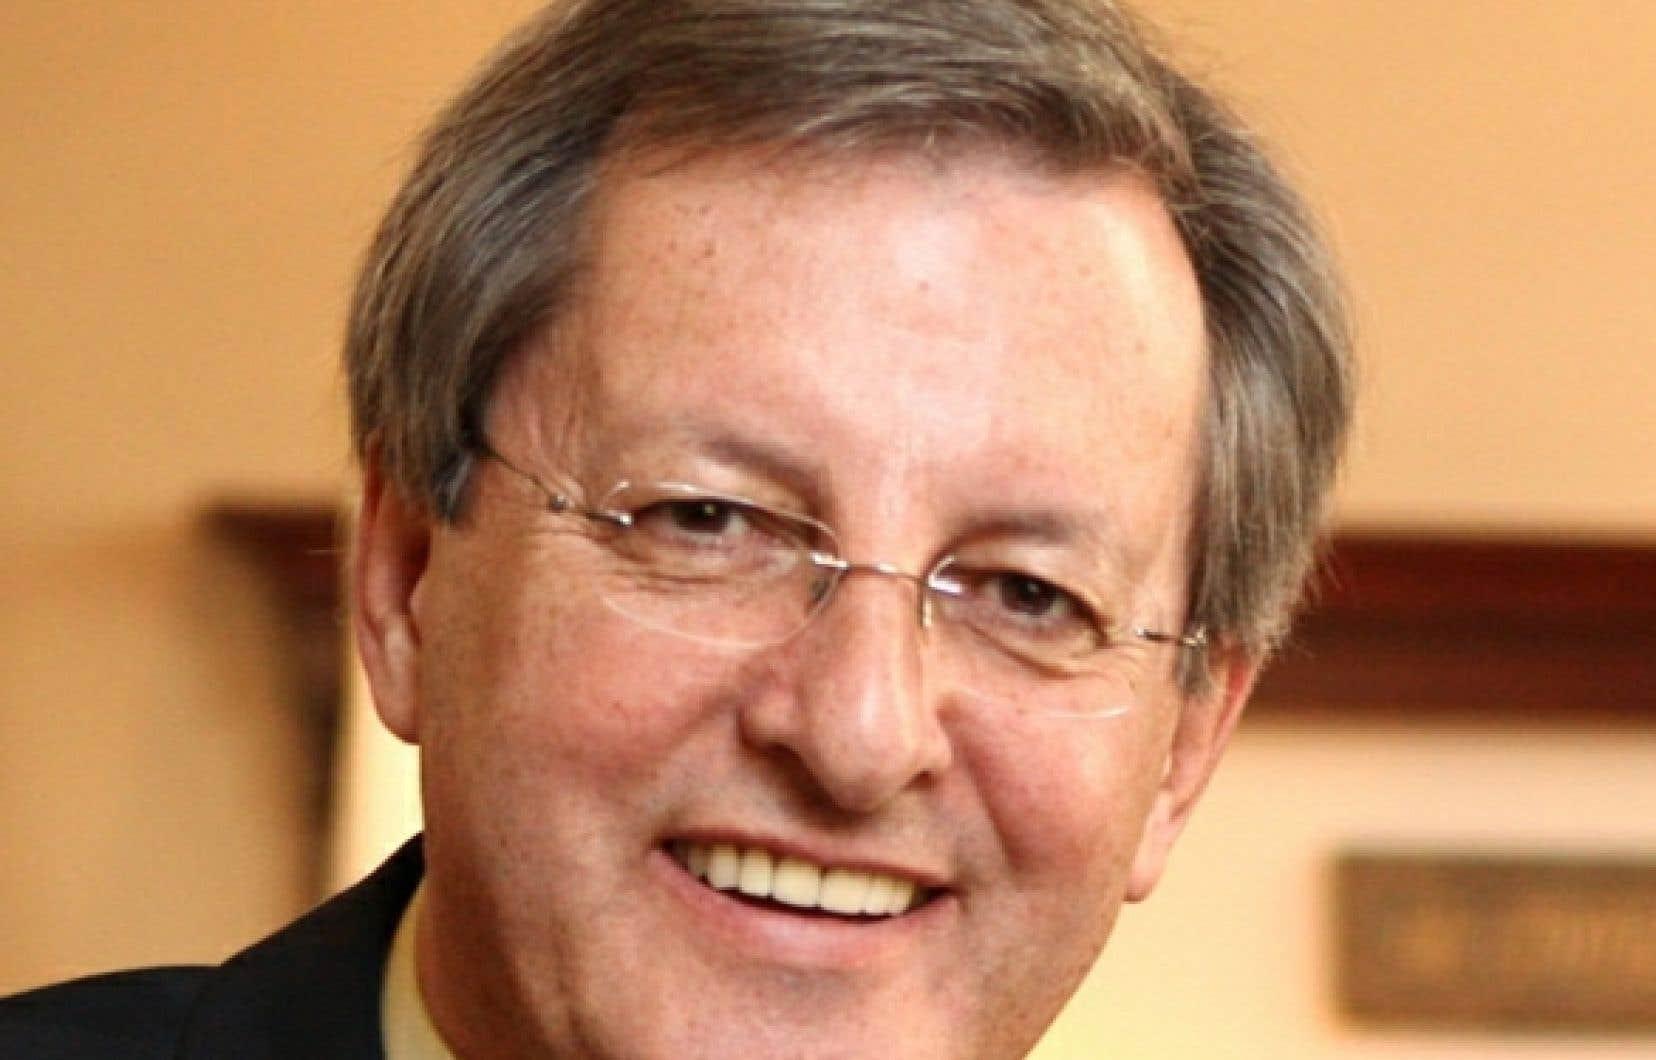 L'attitude du maire Jean Tremblay a tout de même été condamnée en marge du débat sur la prière.